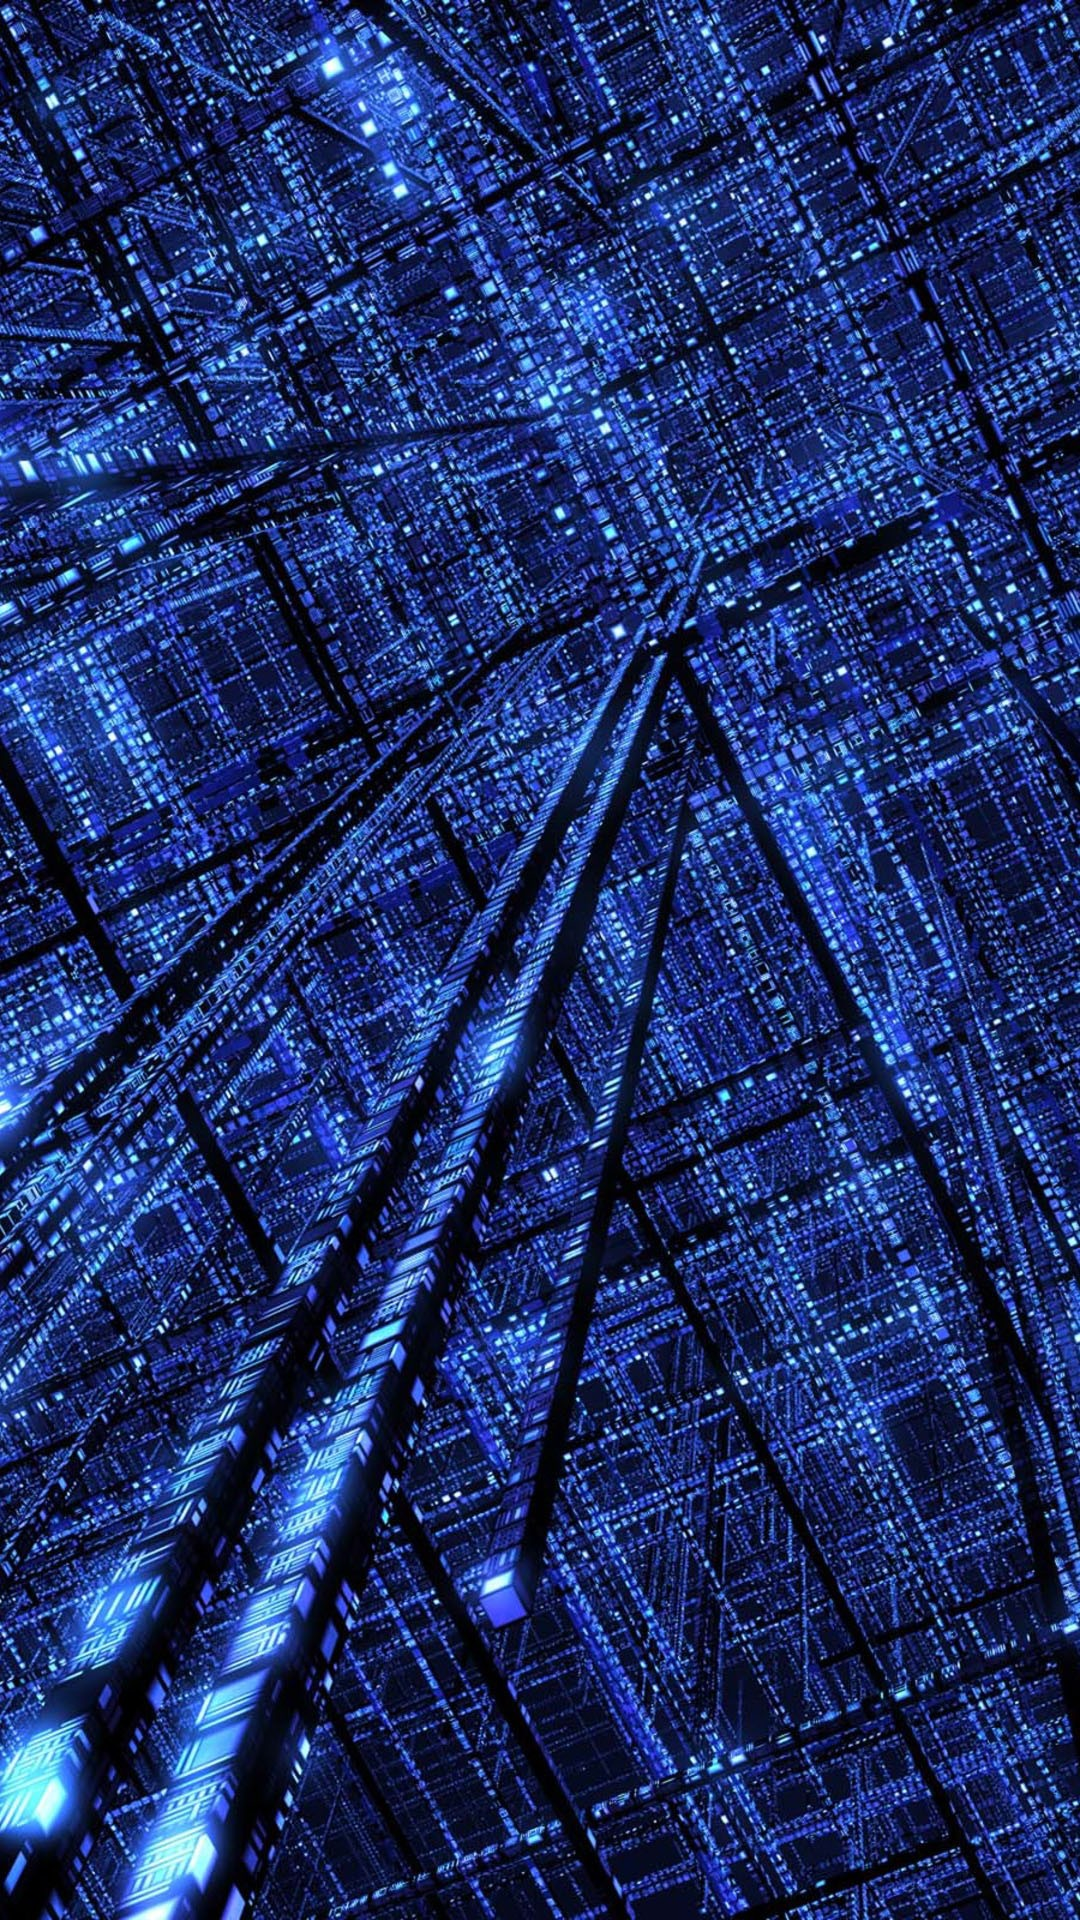 Good art led lights HD Samsung wallpaper Samsung HD wallpaper 1080x1920